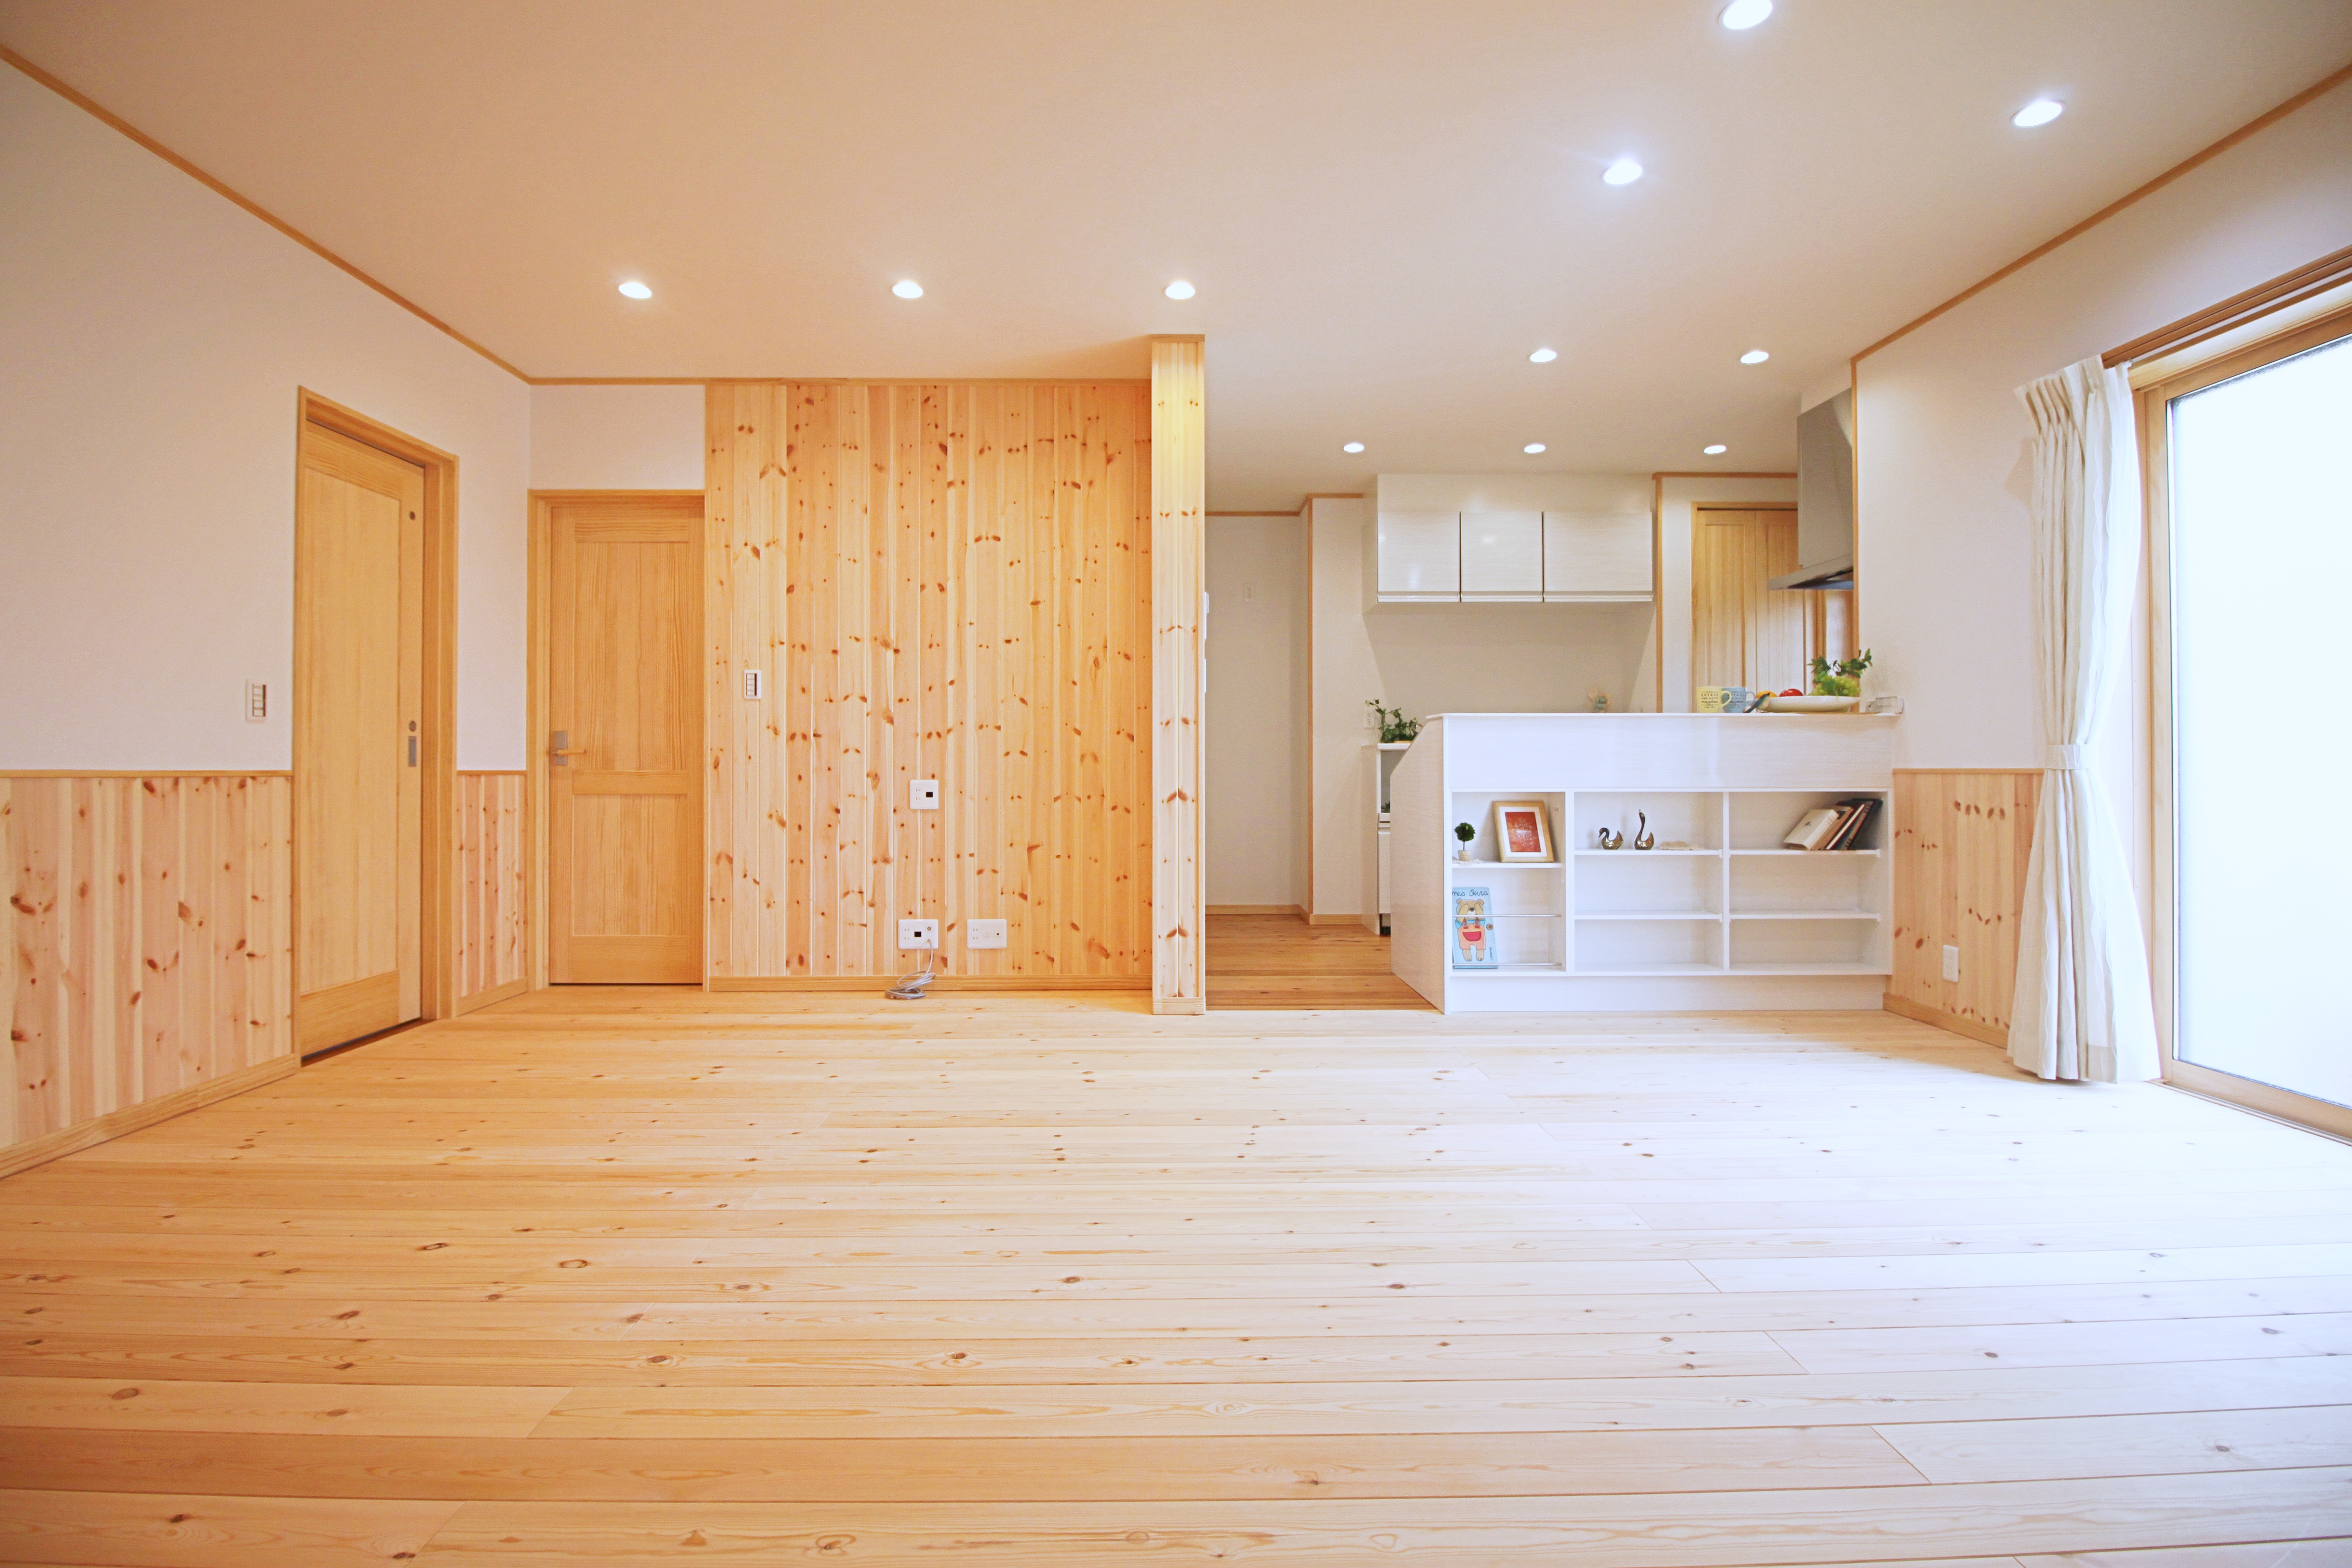 収納たっぷり!木のぬくもり溢れる平屋のお家